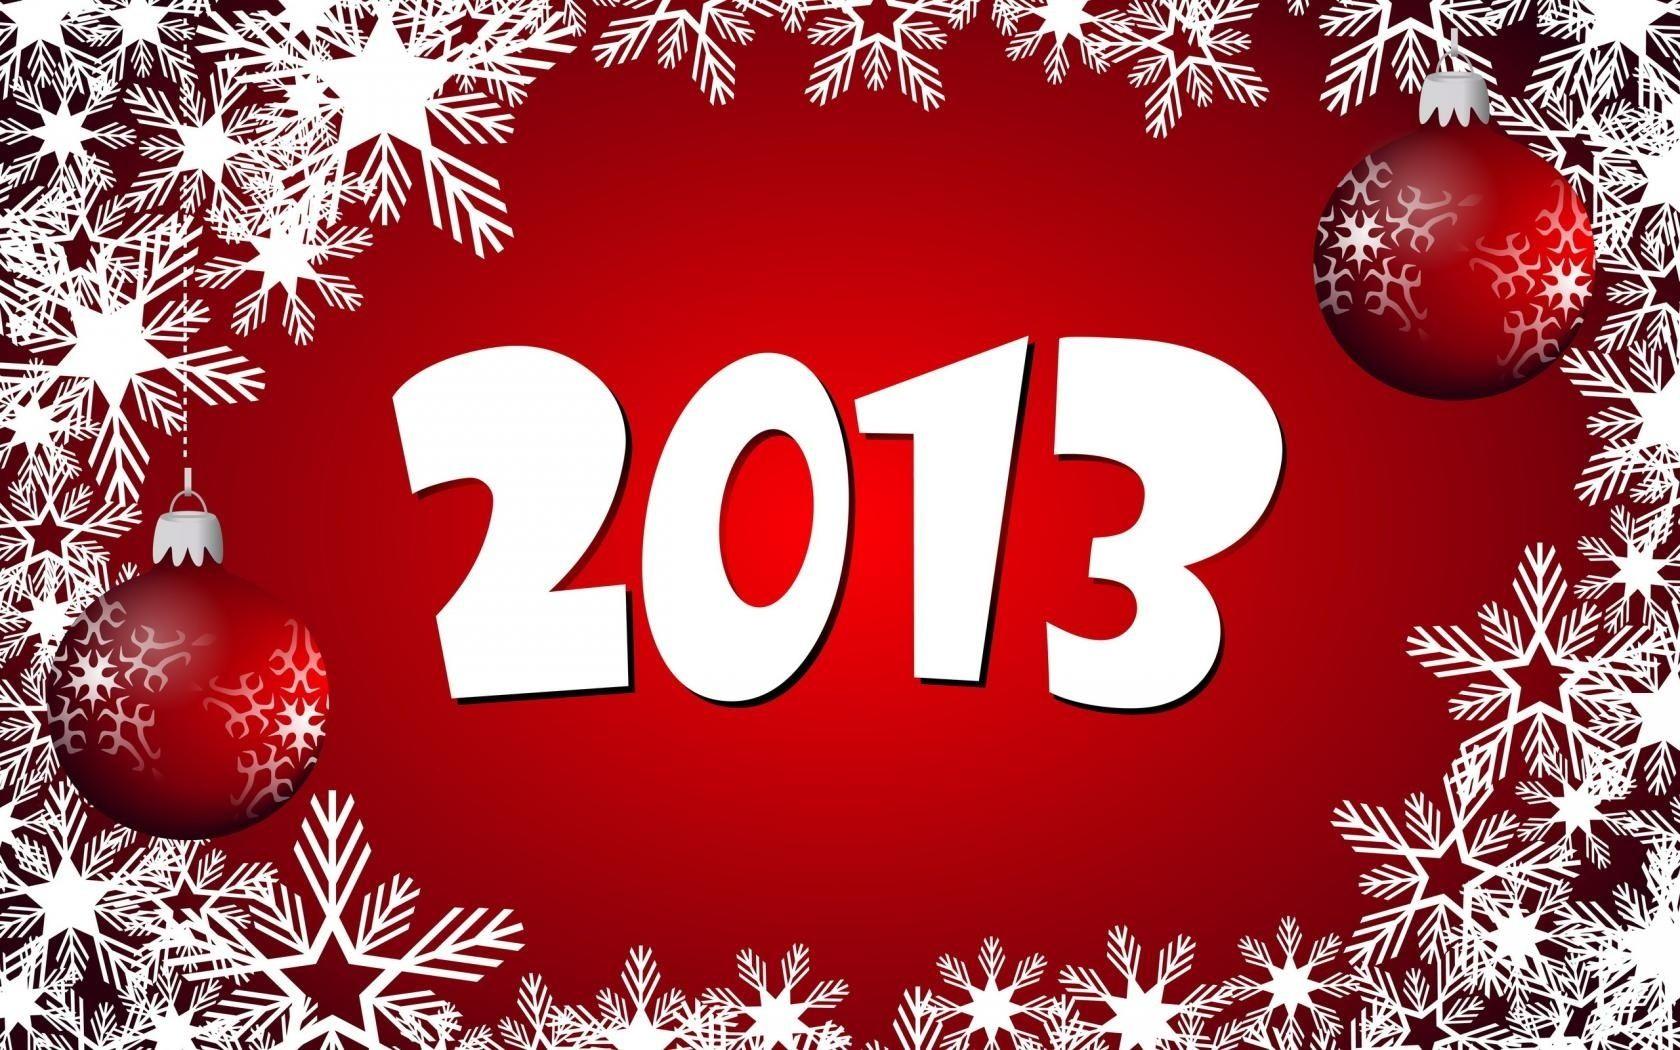 Юбилеем, открытка новый 2013